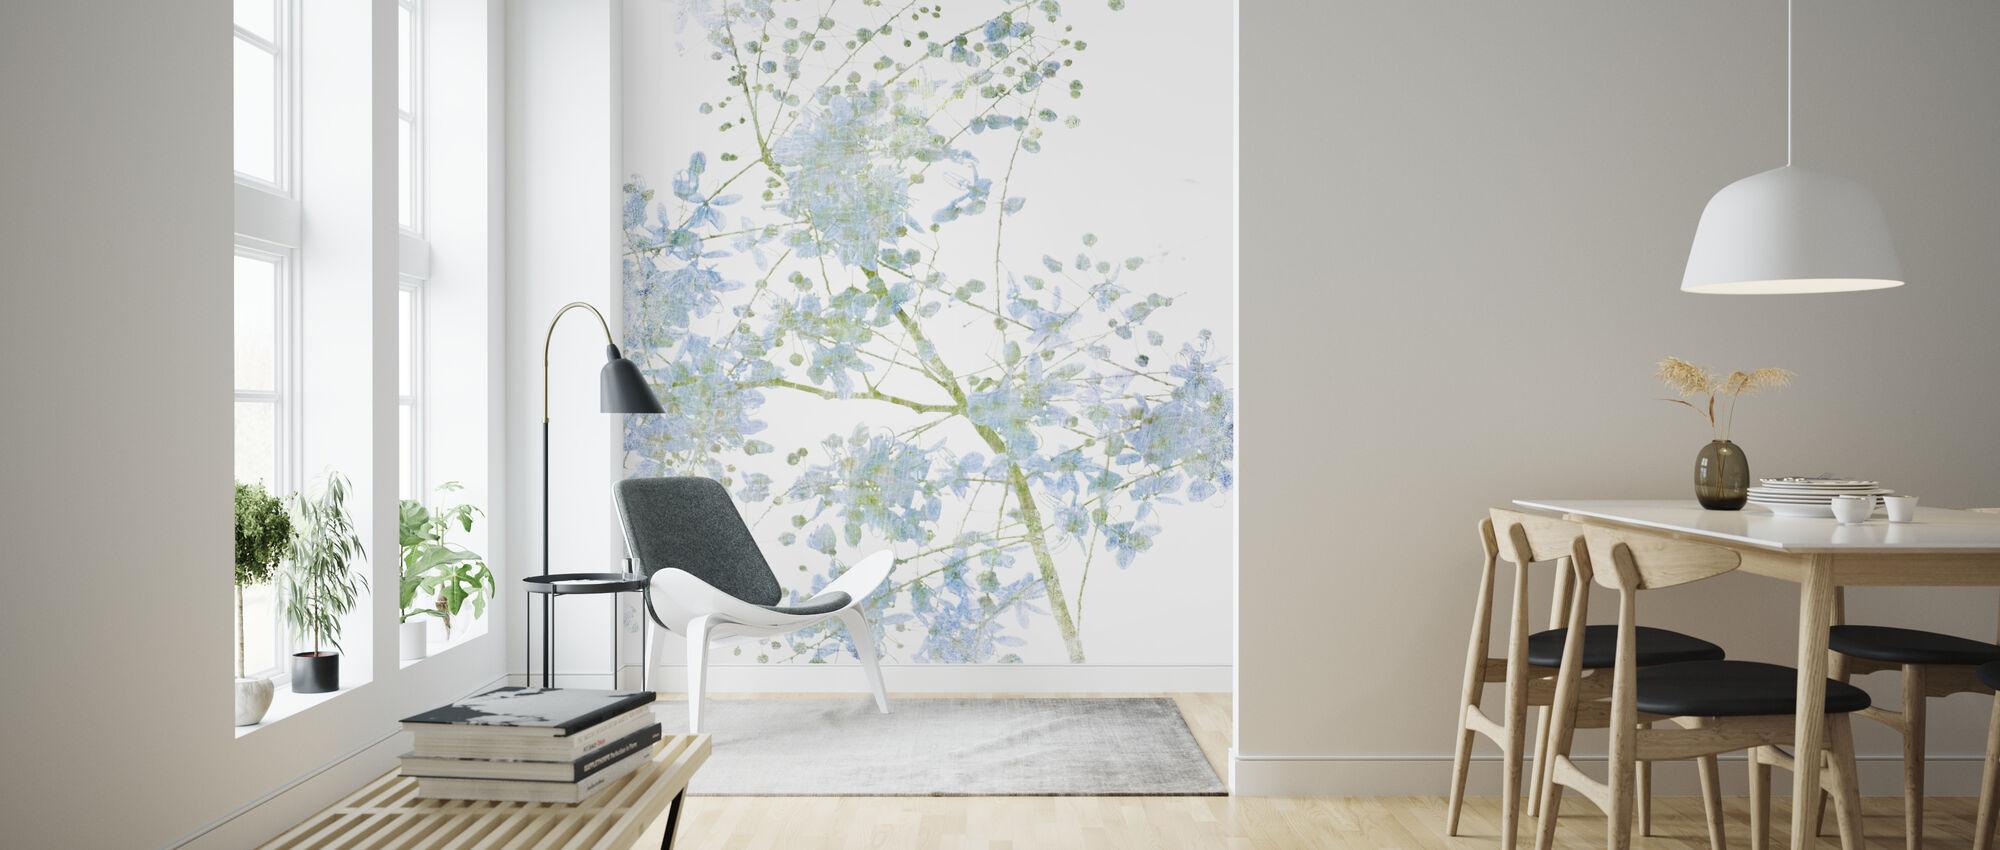 Blå Blomma Blomma - Tapet - Vardagsrum